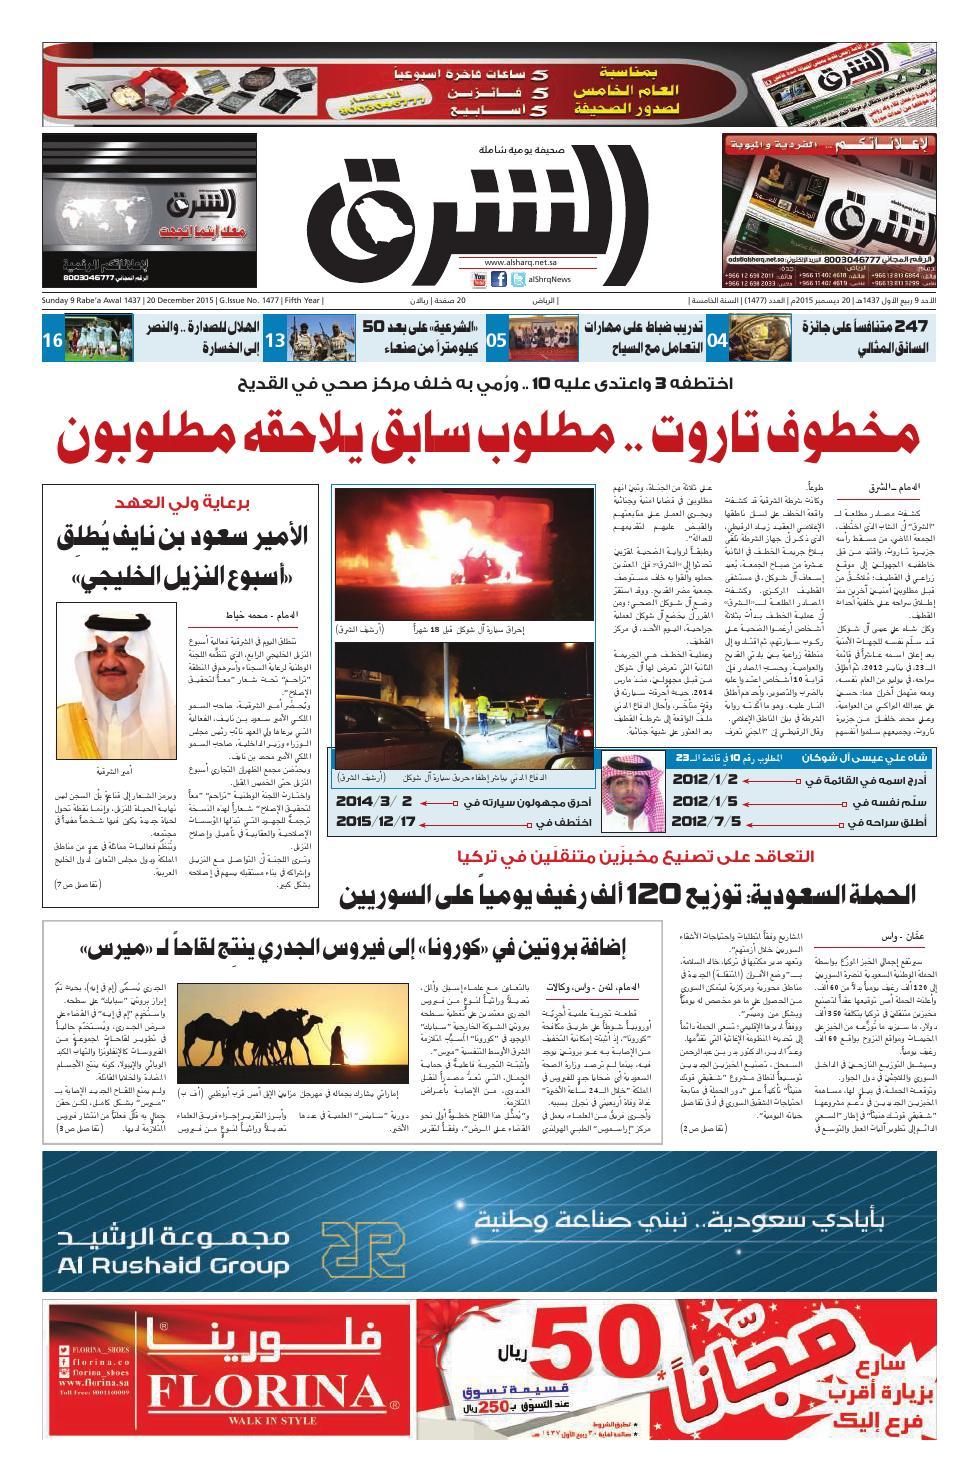 d732b74f1 صحيفة الشرق - العدد 1477 - نسخة الرياض by صحيفة الشرق السعودية - issuu